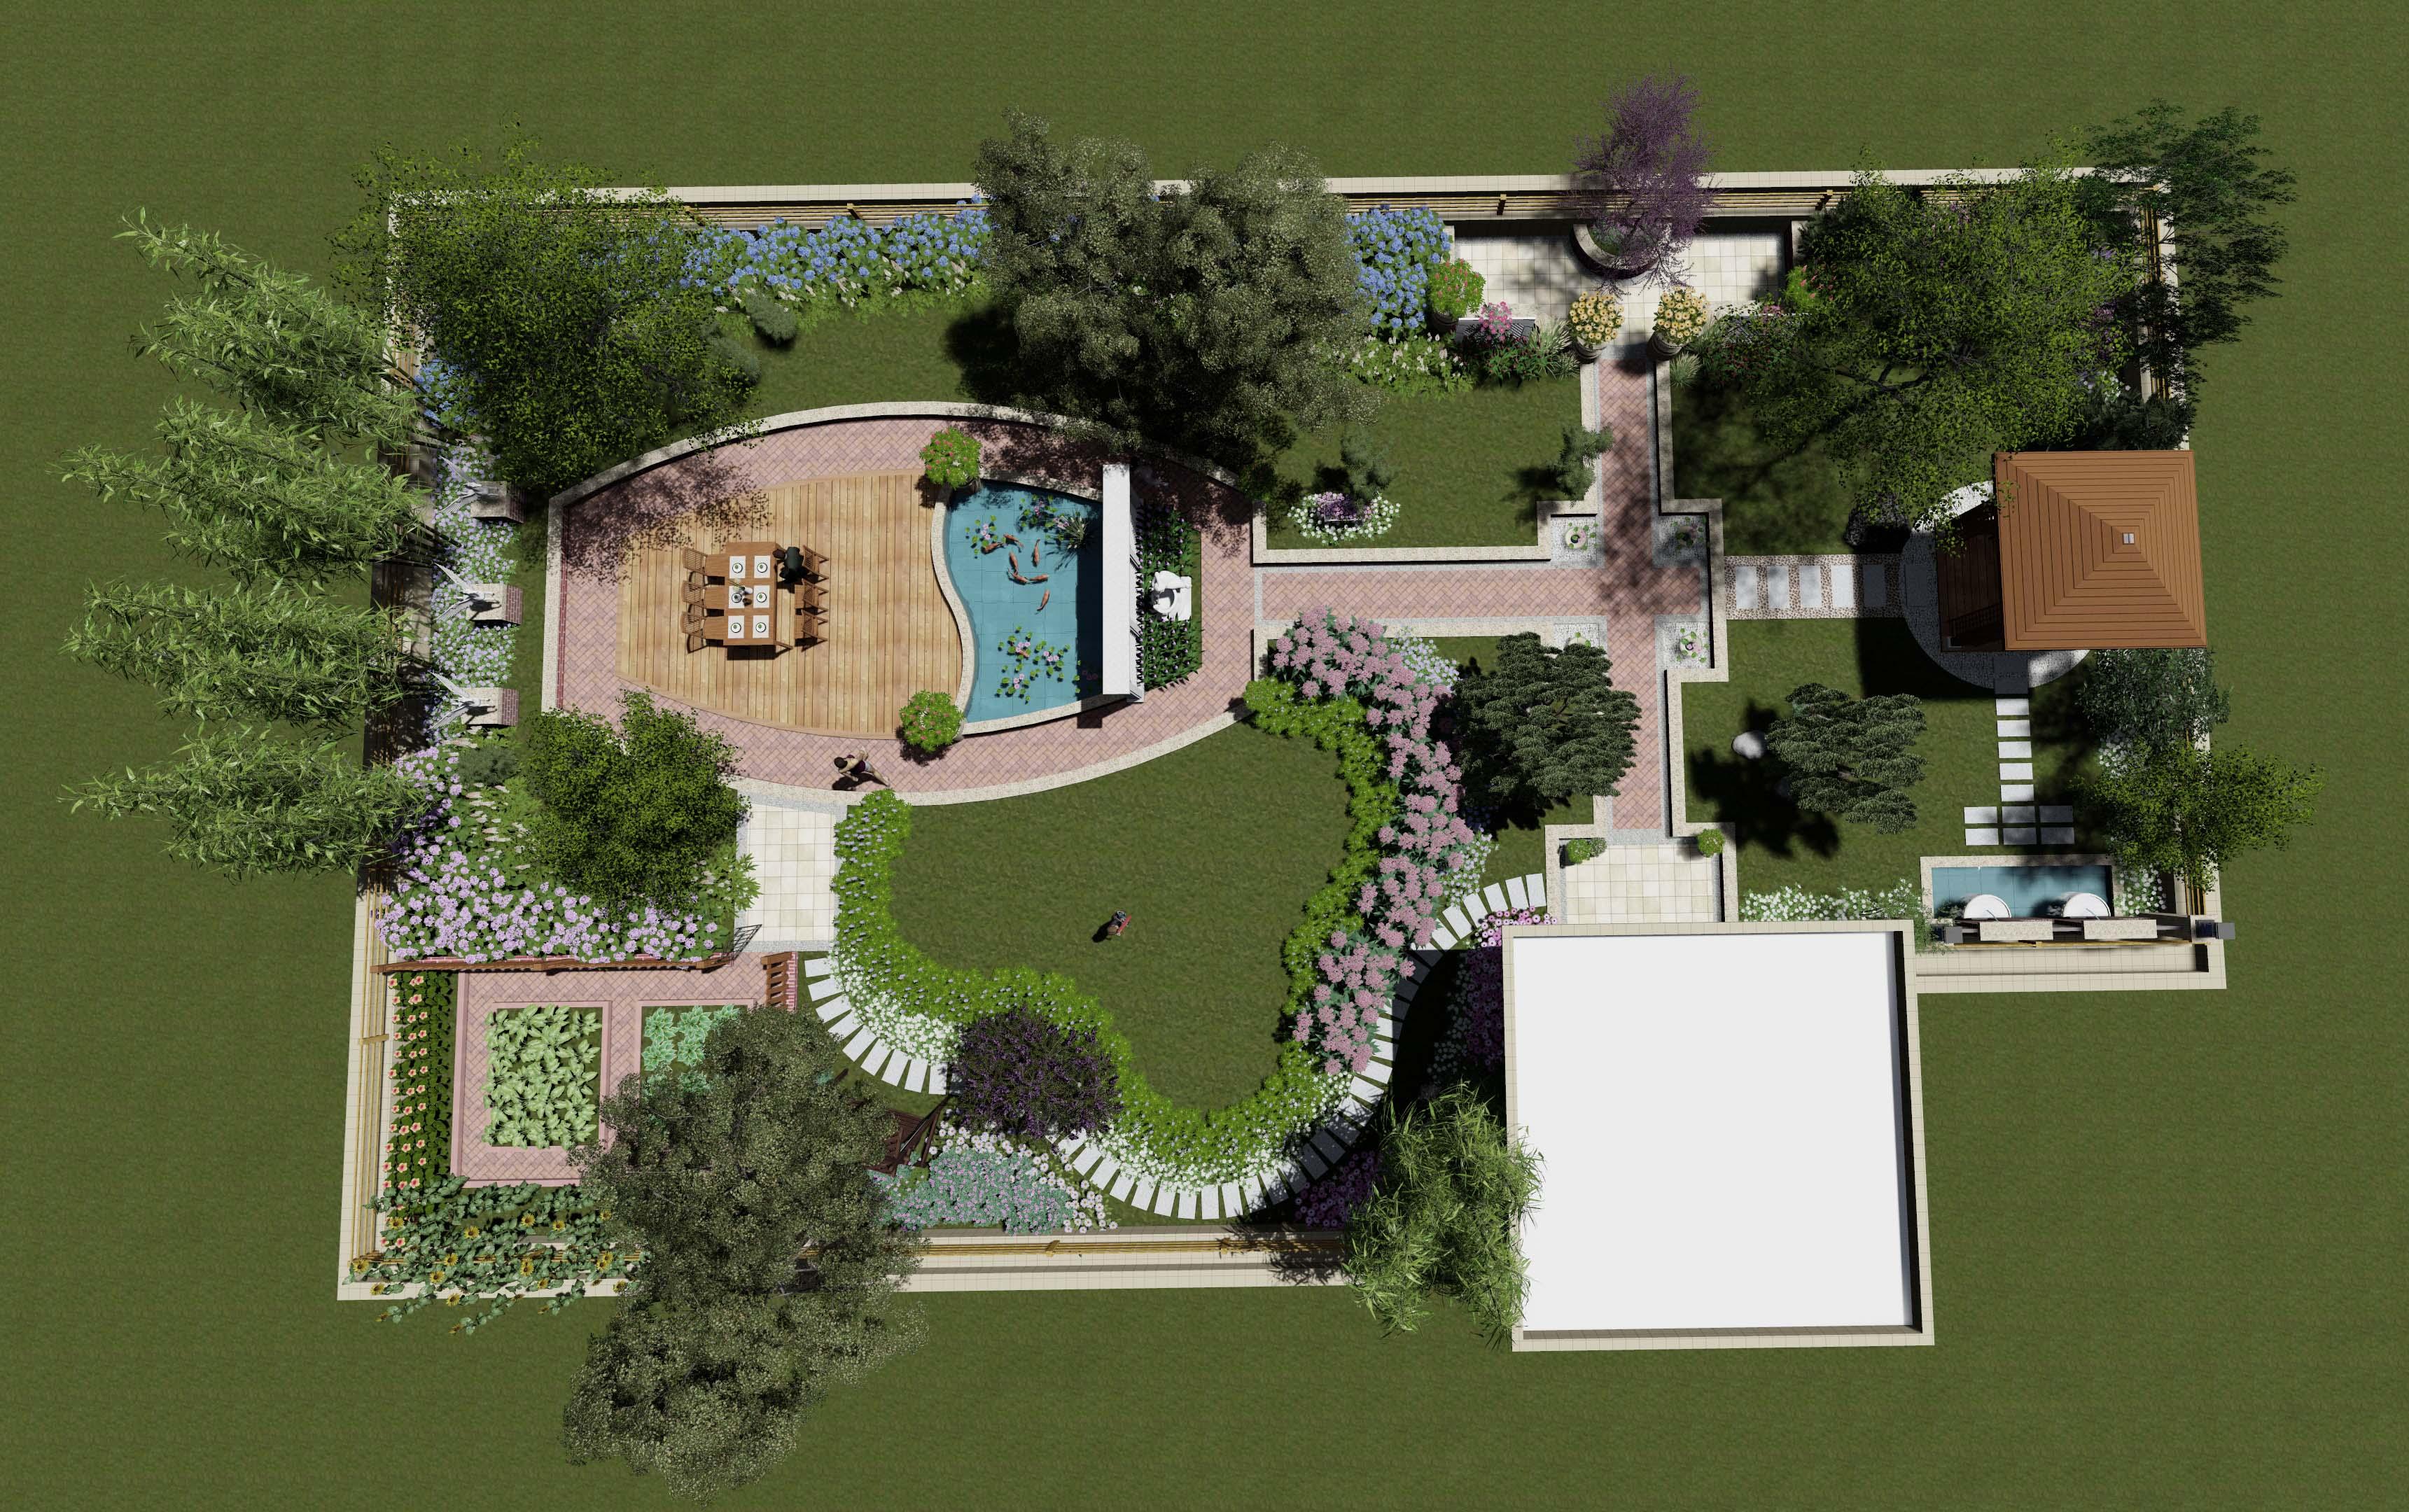 屋顶花园设计_园林景观设计|别墅花园设计|屋顶花园